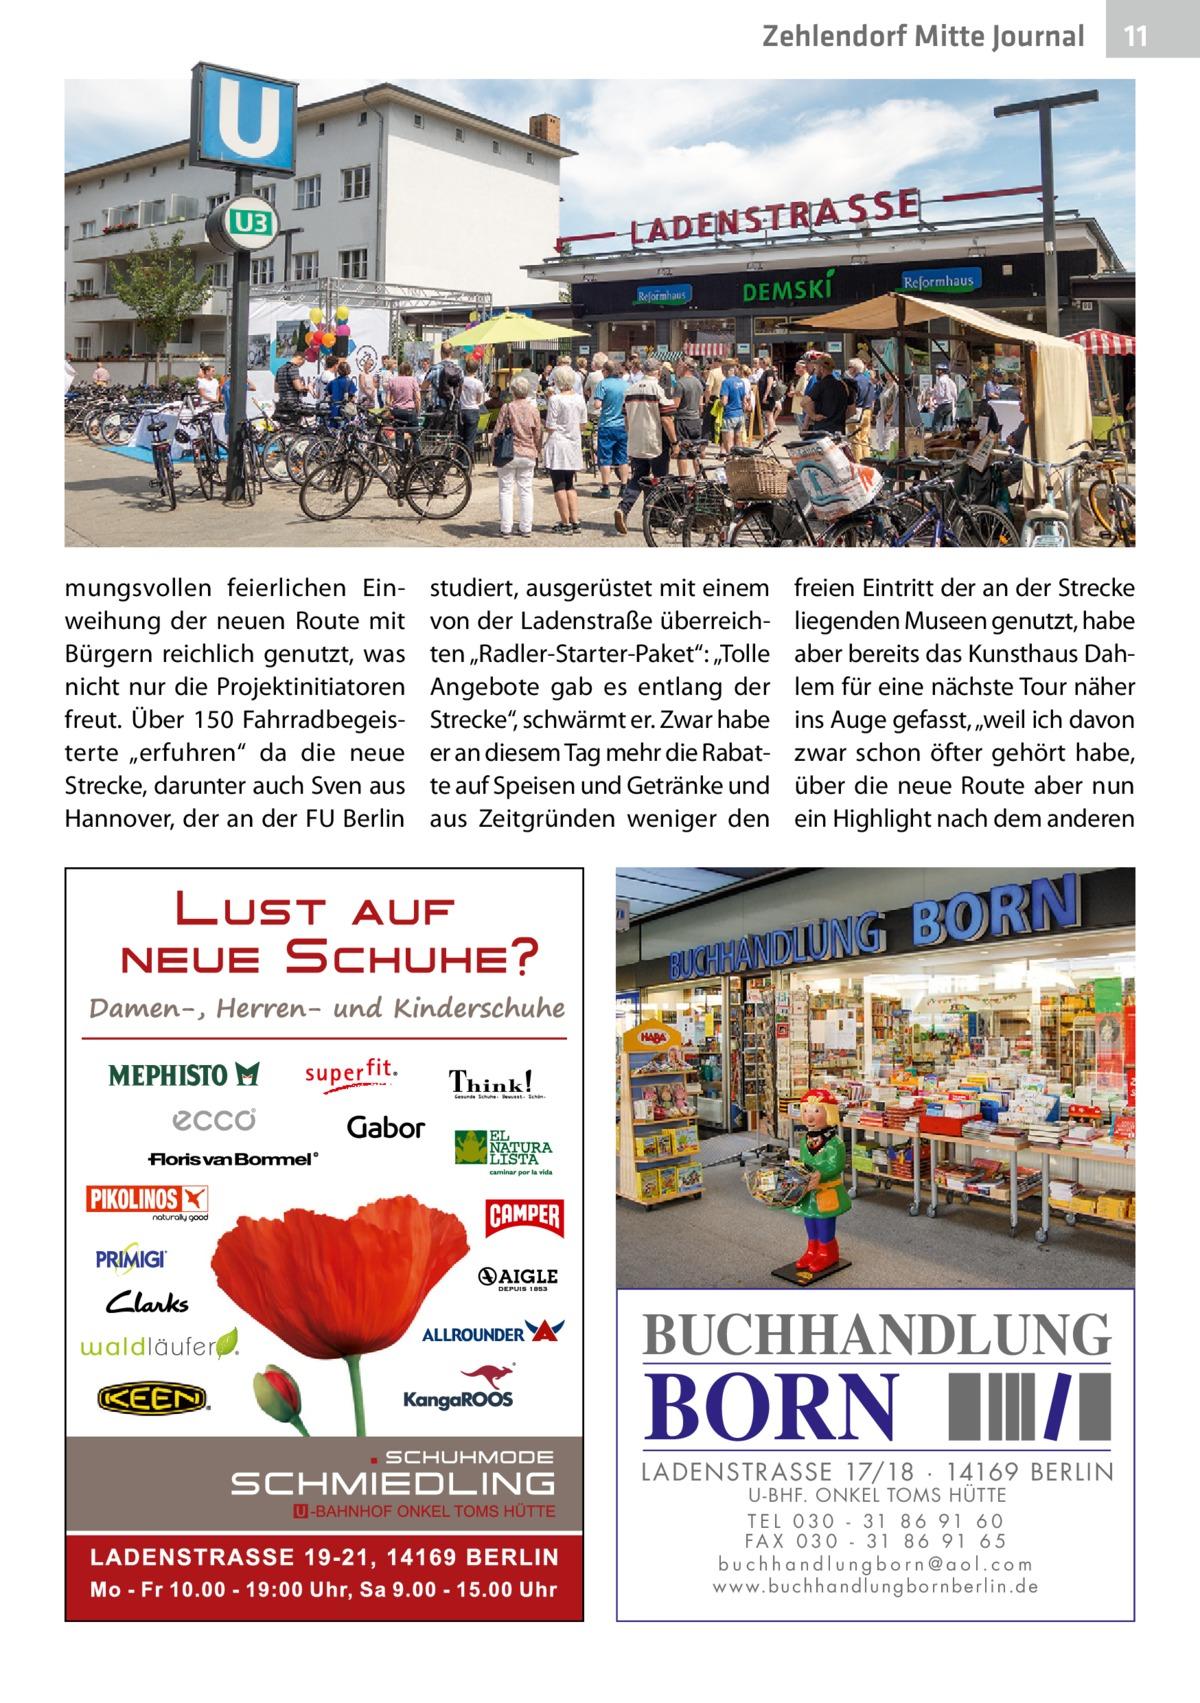 """Zehlendorf Mitte Journal  mungsvollen feierlichen Einweihung der neuen Route mit Bürgern reichlich genutzt, was nicht nur die Projektinitiatoren freut. Über 150 Fahrradbegeisterte """"erfuhren"""" da die neue Strecke, darunter auch Sven aus Hannover, der an der FU Berlin  studiert, ausgerüstet mit einem von der Ladenstraße überreichten """"Radler-Starter-Paket"""": """"Tolle Angebote gab es entlang der Strecke"""", schwärmt er. Zwar habe er an diesem Tag mehr die Rabatte auf Speisen und Getränke und aus Zeitgründen weniger den  11  freien Eintritt der an der Strecke liegenden Museen genutzt, habe aber bereits das Kunsthaus Dahlem für eine nächste Tour näher ins Auge gefasst, """"weil ich davon zwar schon öfter gehört habe, über die neue Route aber nun ein Highlight nach dem anderen  BUCHHANDLUNG  BORN  L AD ENSTR ASSE 17/18 · 14169 BERLIN U - BHF. ONKEL TOMS HÜTTE T E L 0 3 0 - 31 8 6 91 6 0 FA X 0 3 0 - 31 8 6 91 6 5 buchhandlungborn@aol.com w w w.b u c h h a n d l u n g b o r n b e r l i n.d e"""